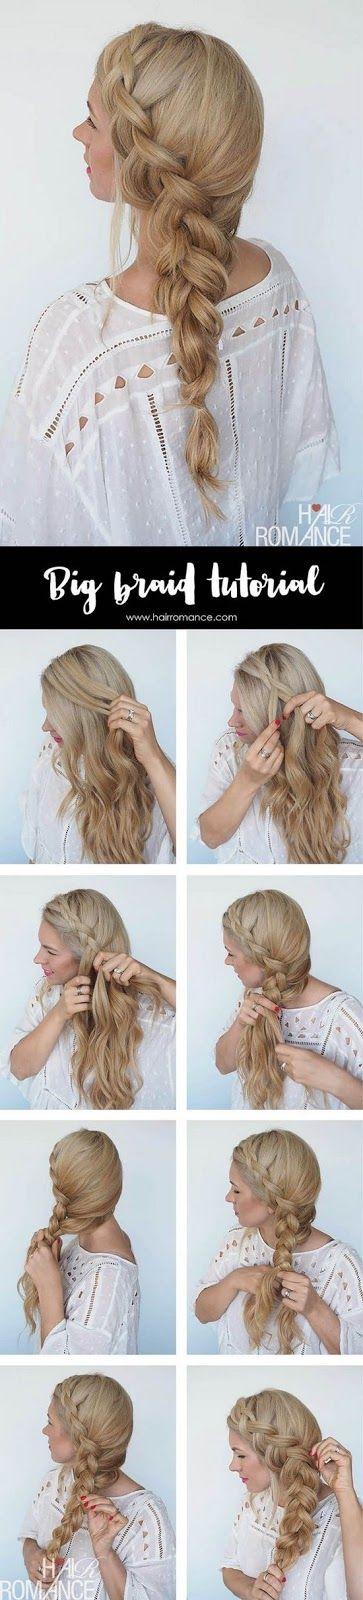 Los mejores peinados sencillos paso a paso – Peinados Fáciles